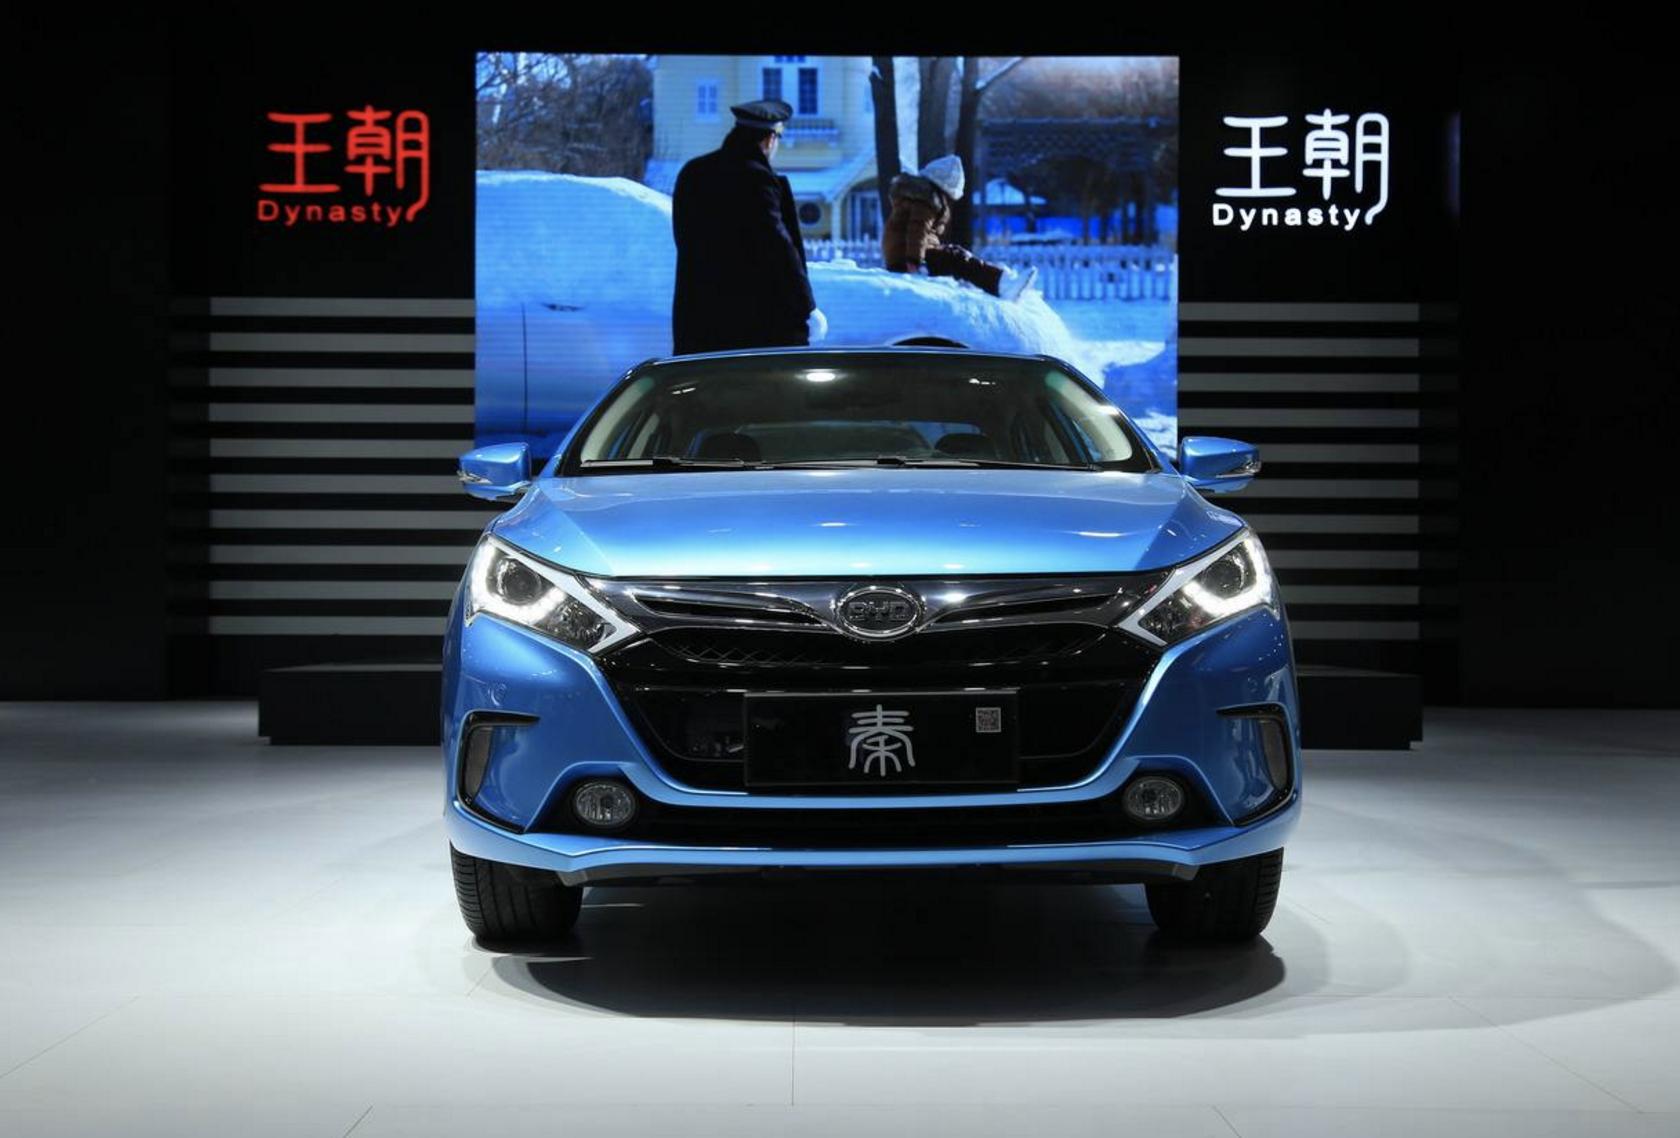 崔東樹︰2017年新能源汽車銷量預測70萬台